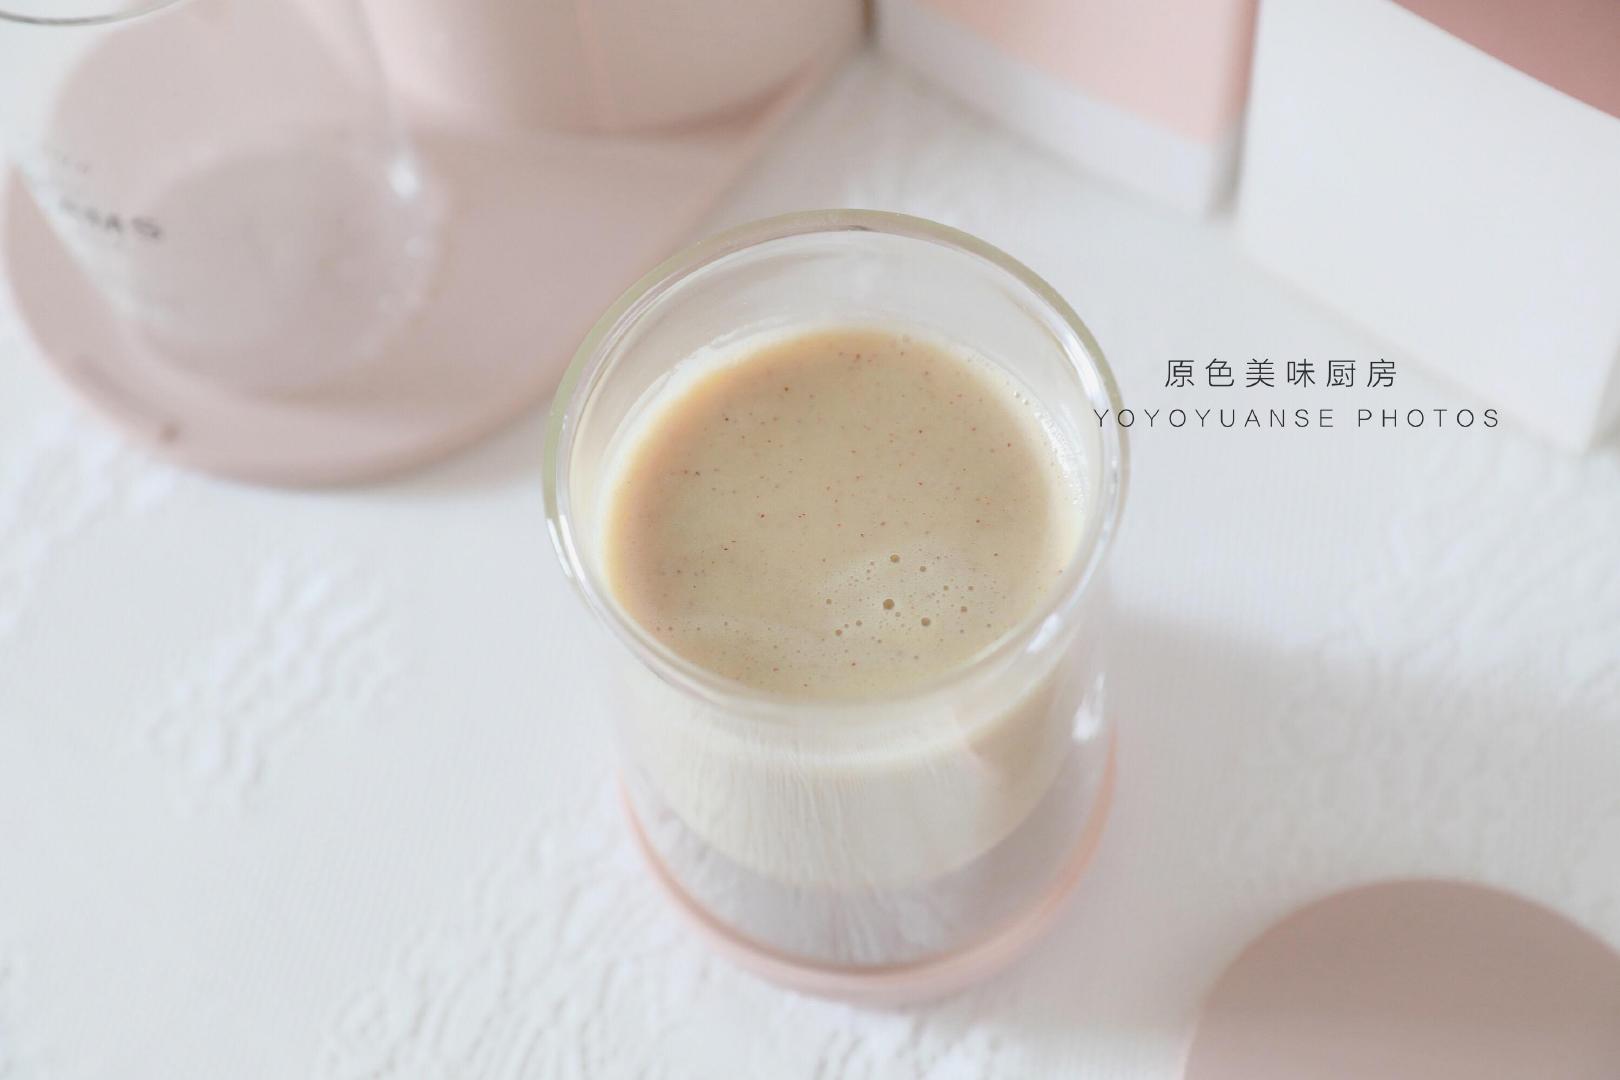 它比牛奶营养好,每天喝一杯,让你气色更佳